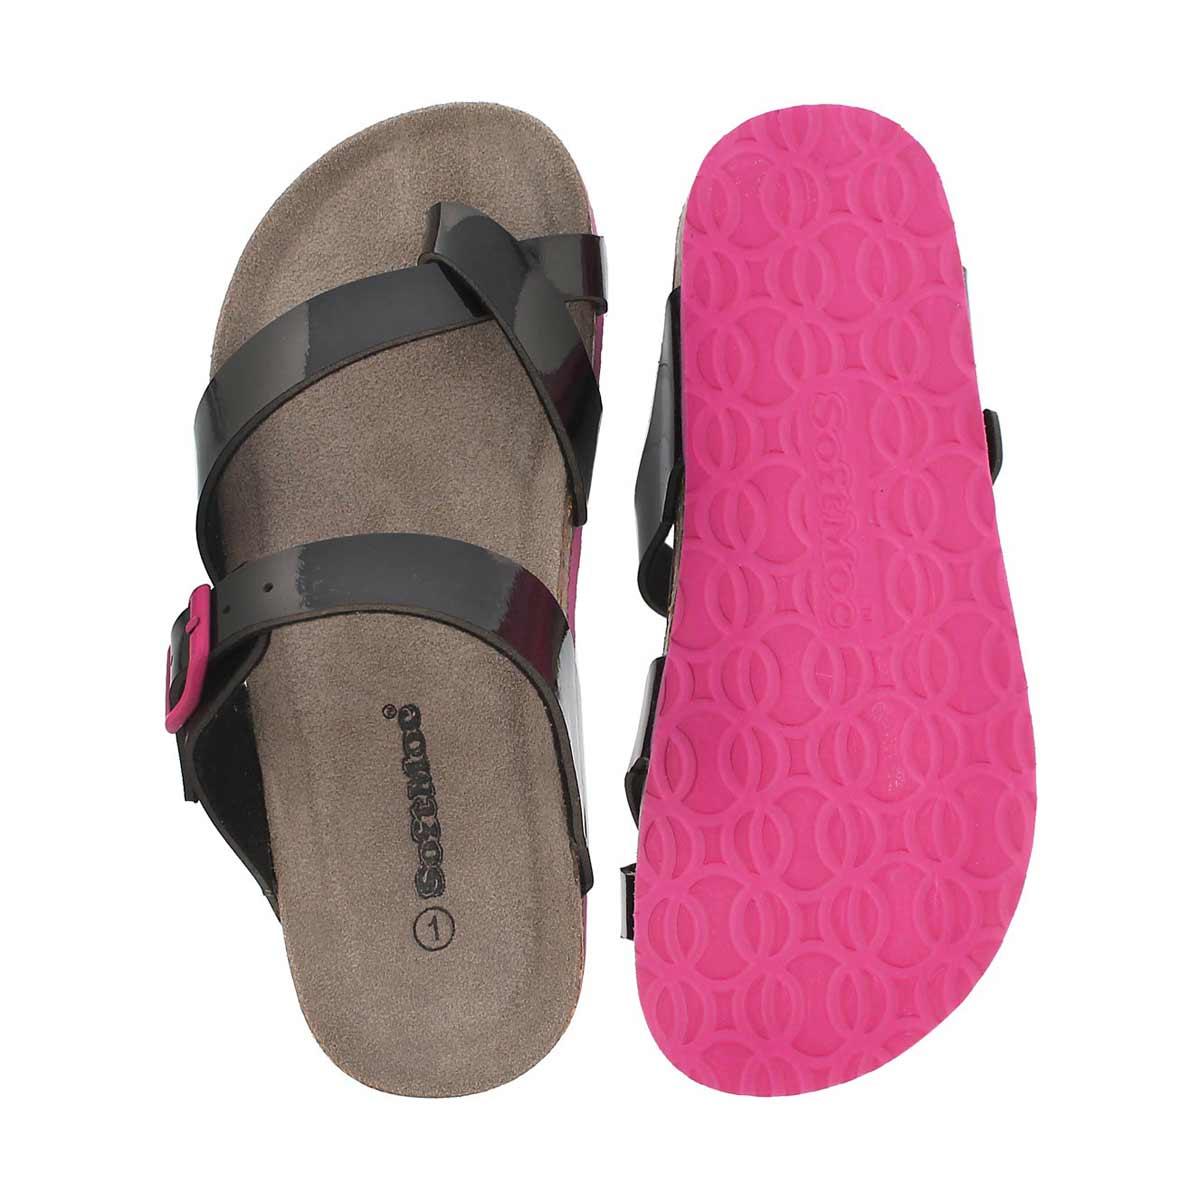 Grls Alicia blk pat toe loop sandal